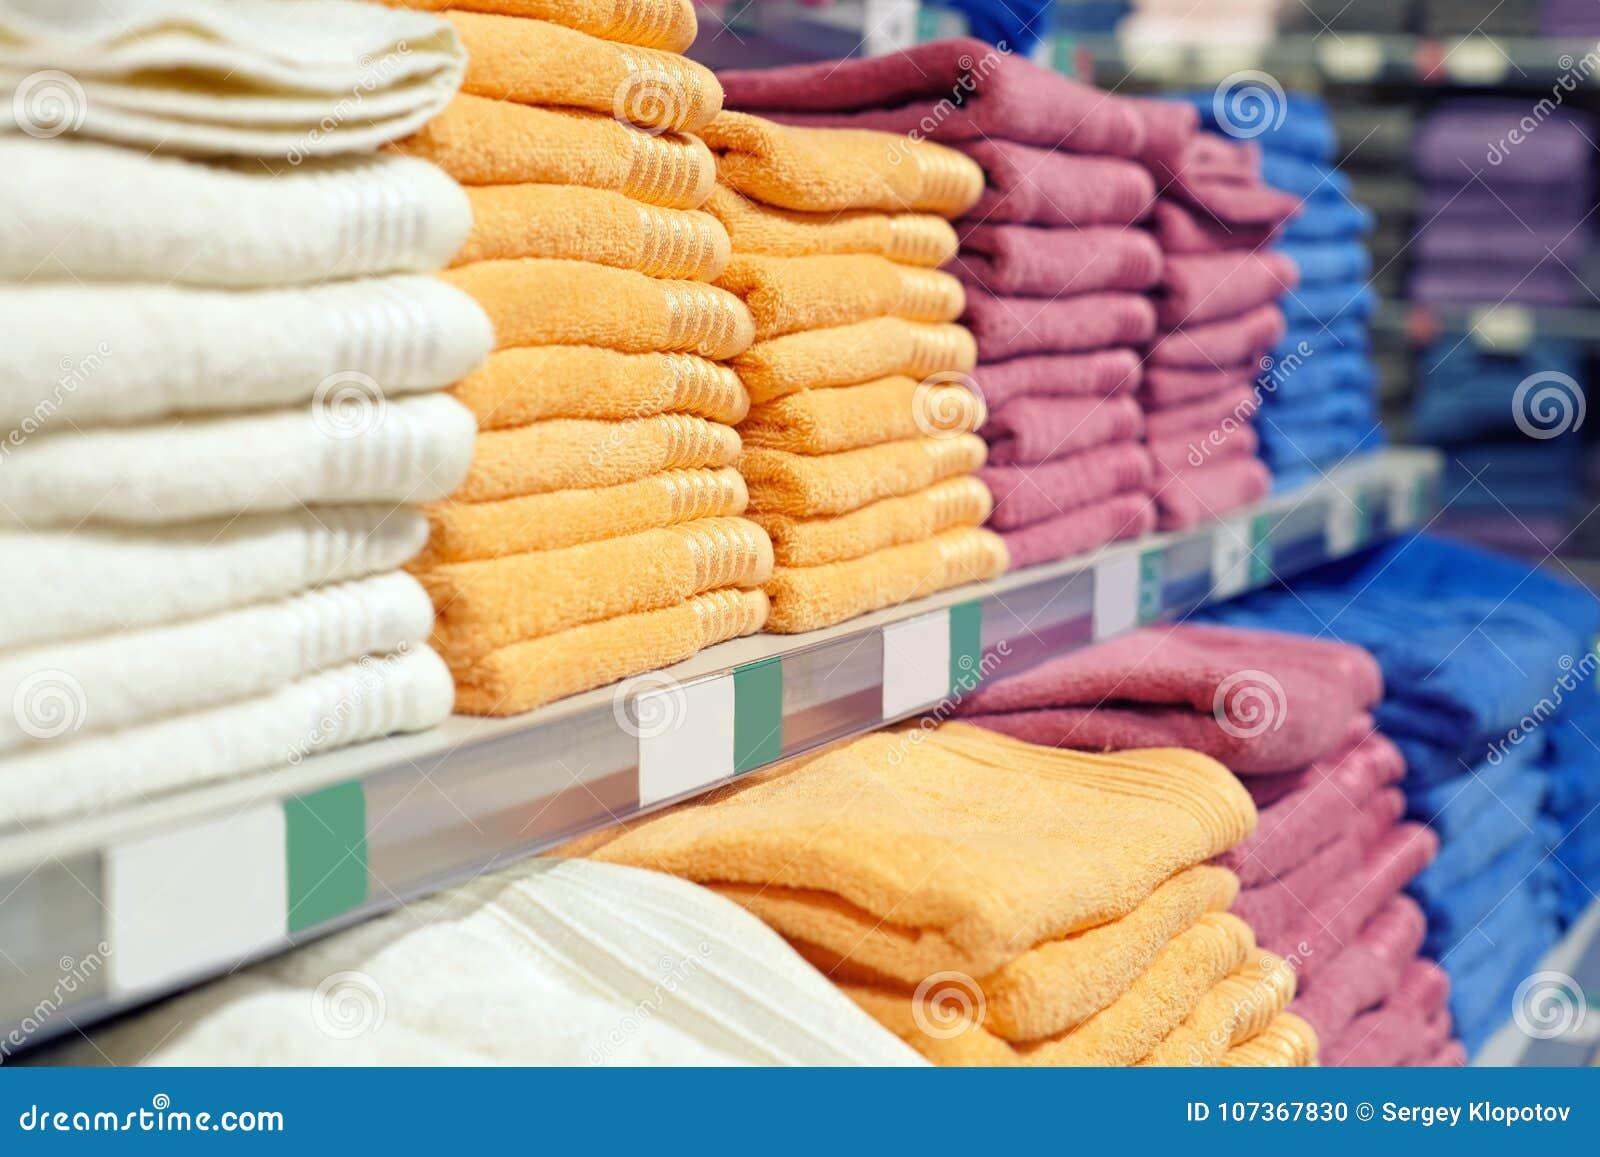 Комплект покрашенных полотенец на полке в магазине